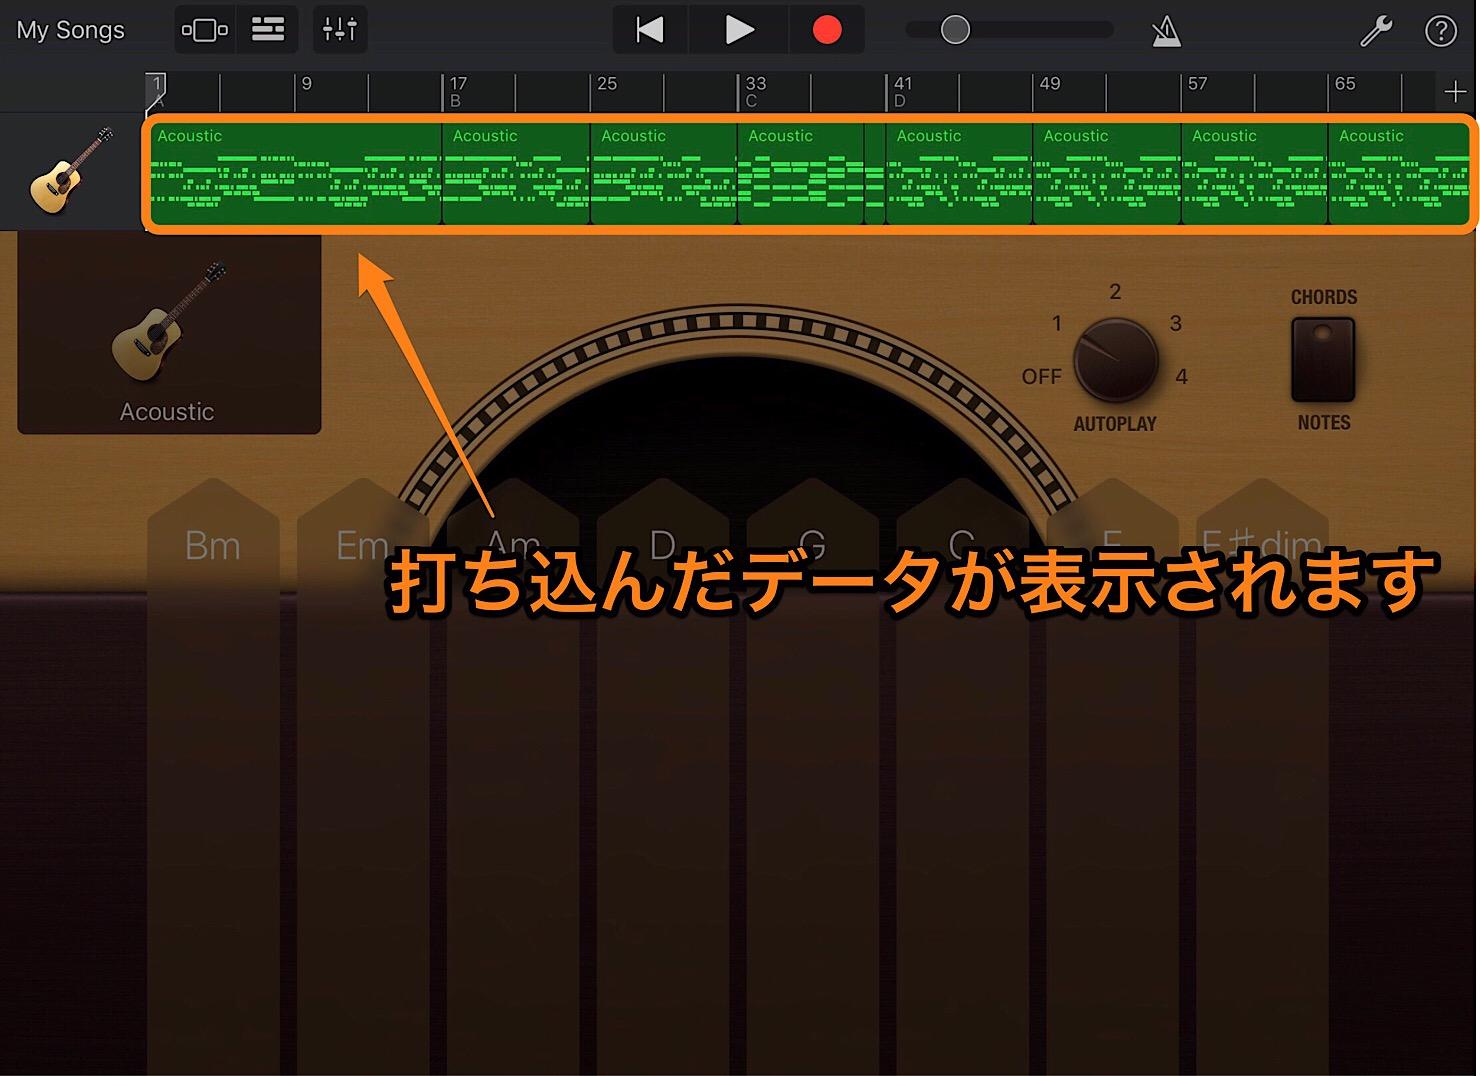 garageband-ios-ver2-edit-sound-2